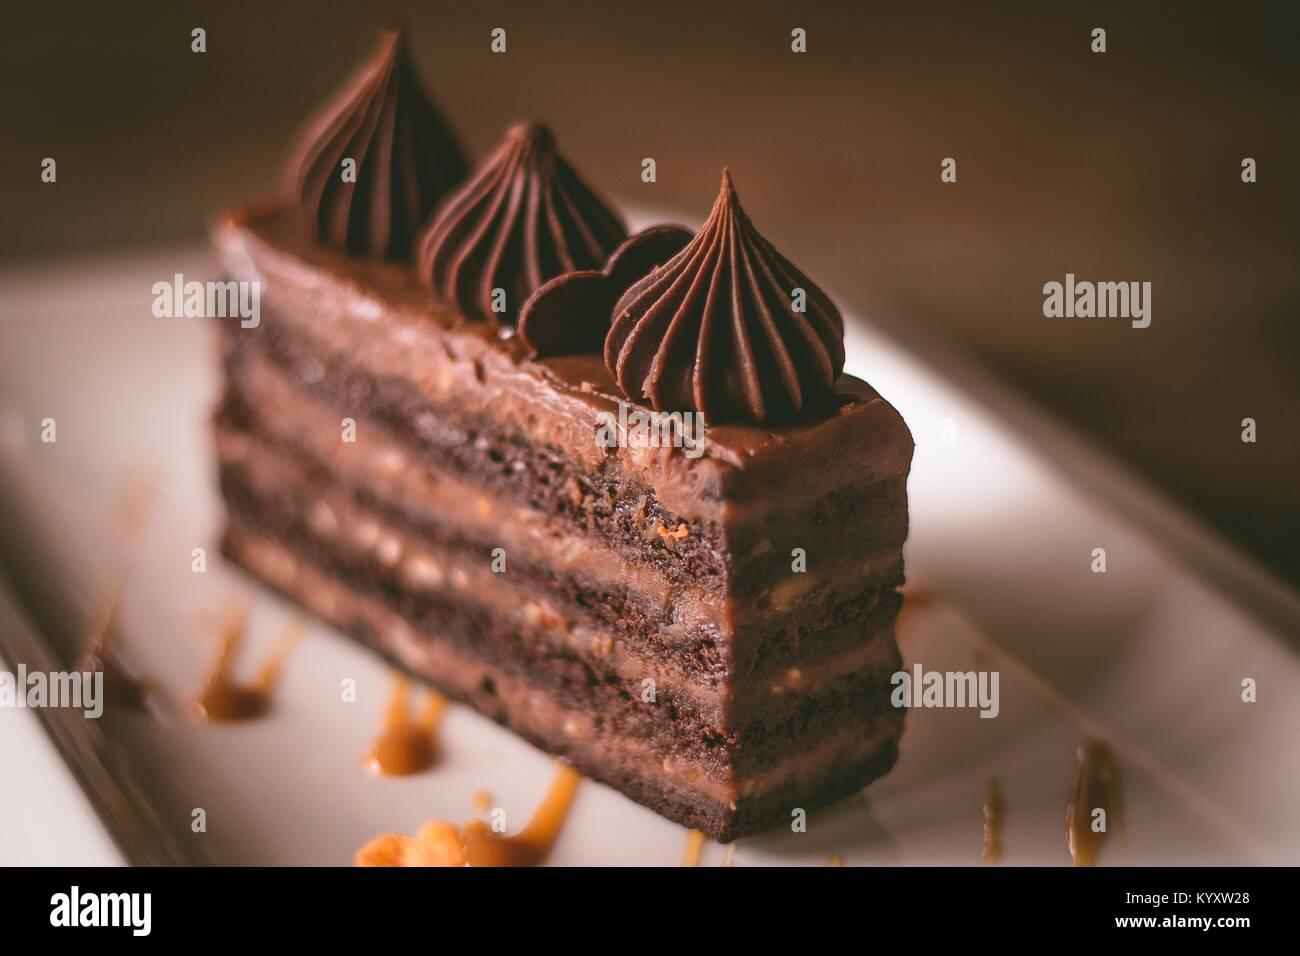 Primo piano di una torta al cioccolato su una piastra bianca sulla luce naturale Immagini Stock